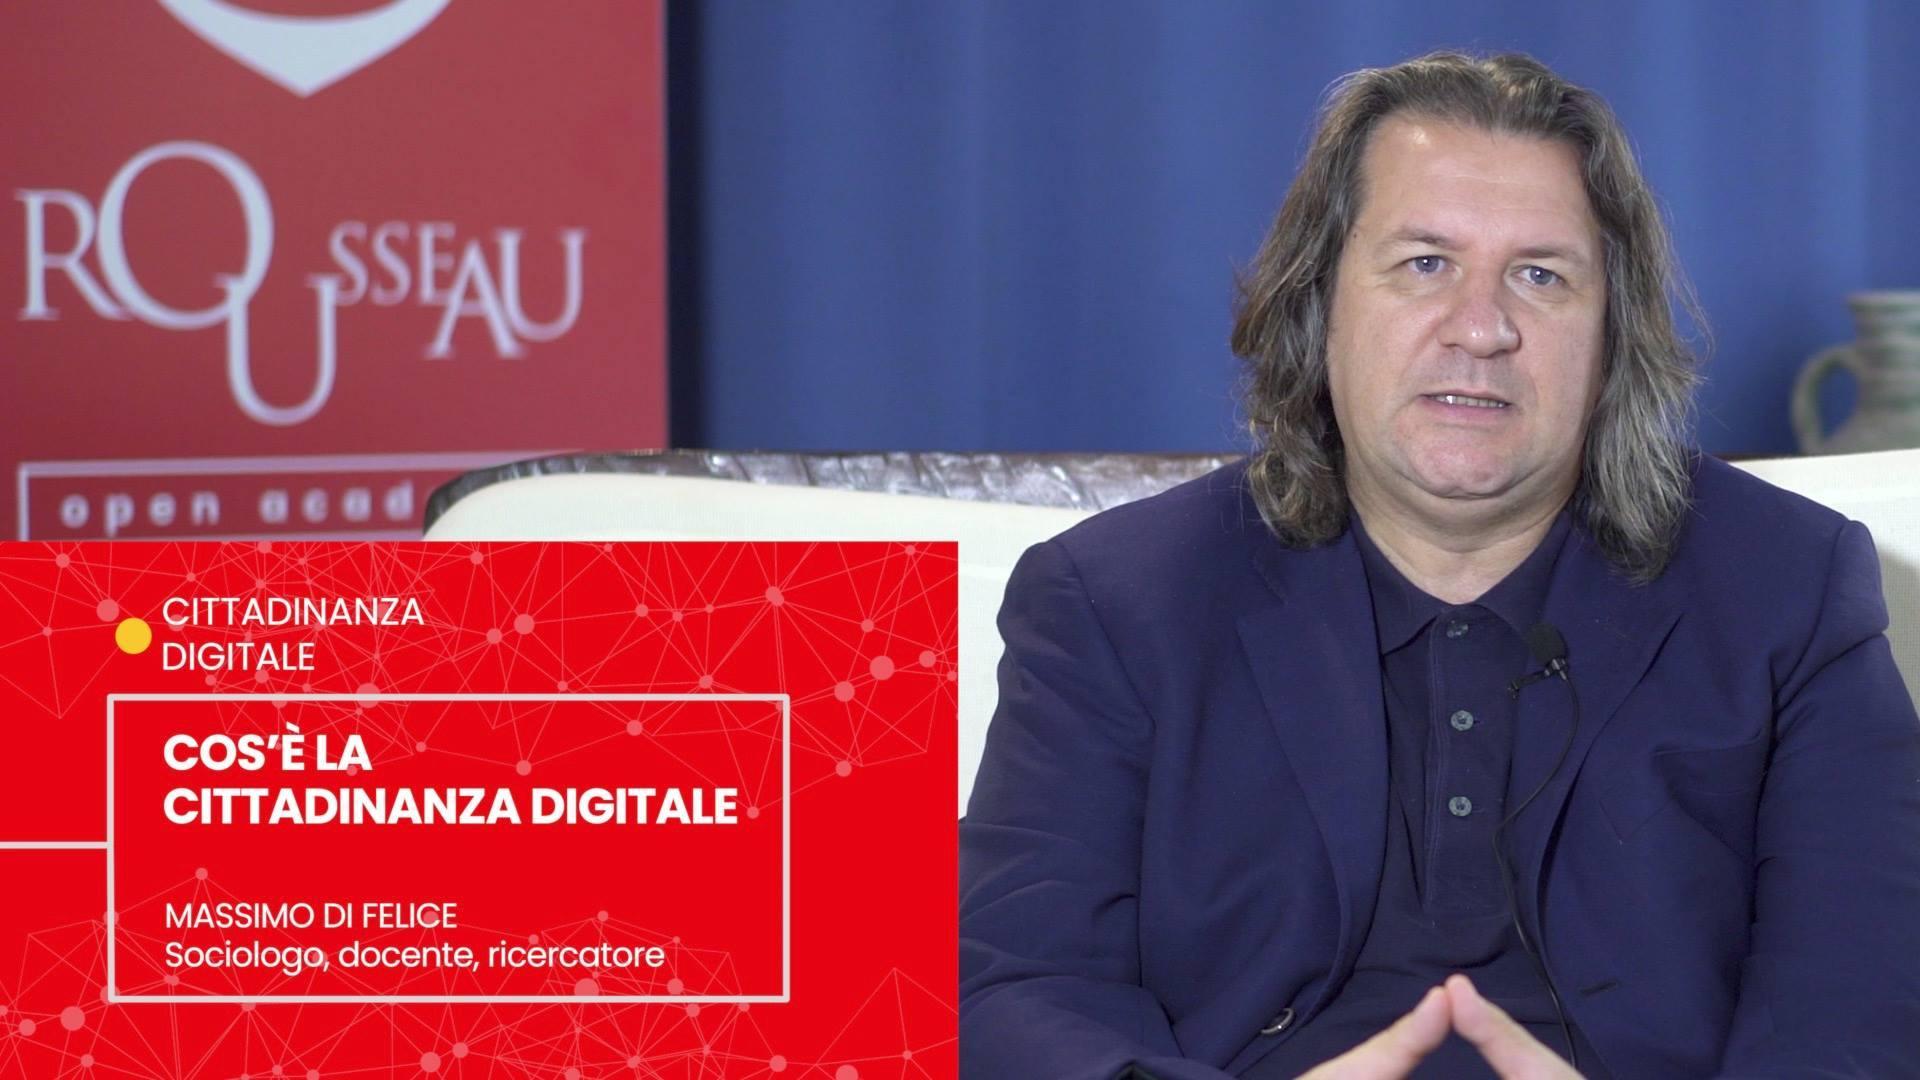 Massimo Di Felice - CHE COS'E' LA CITTADINANZA DIGITALE